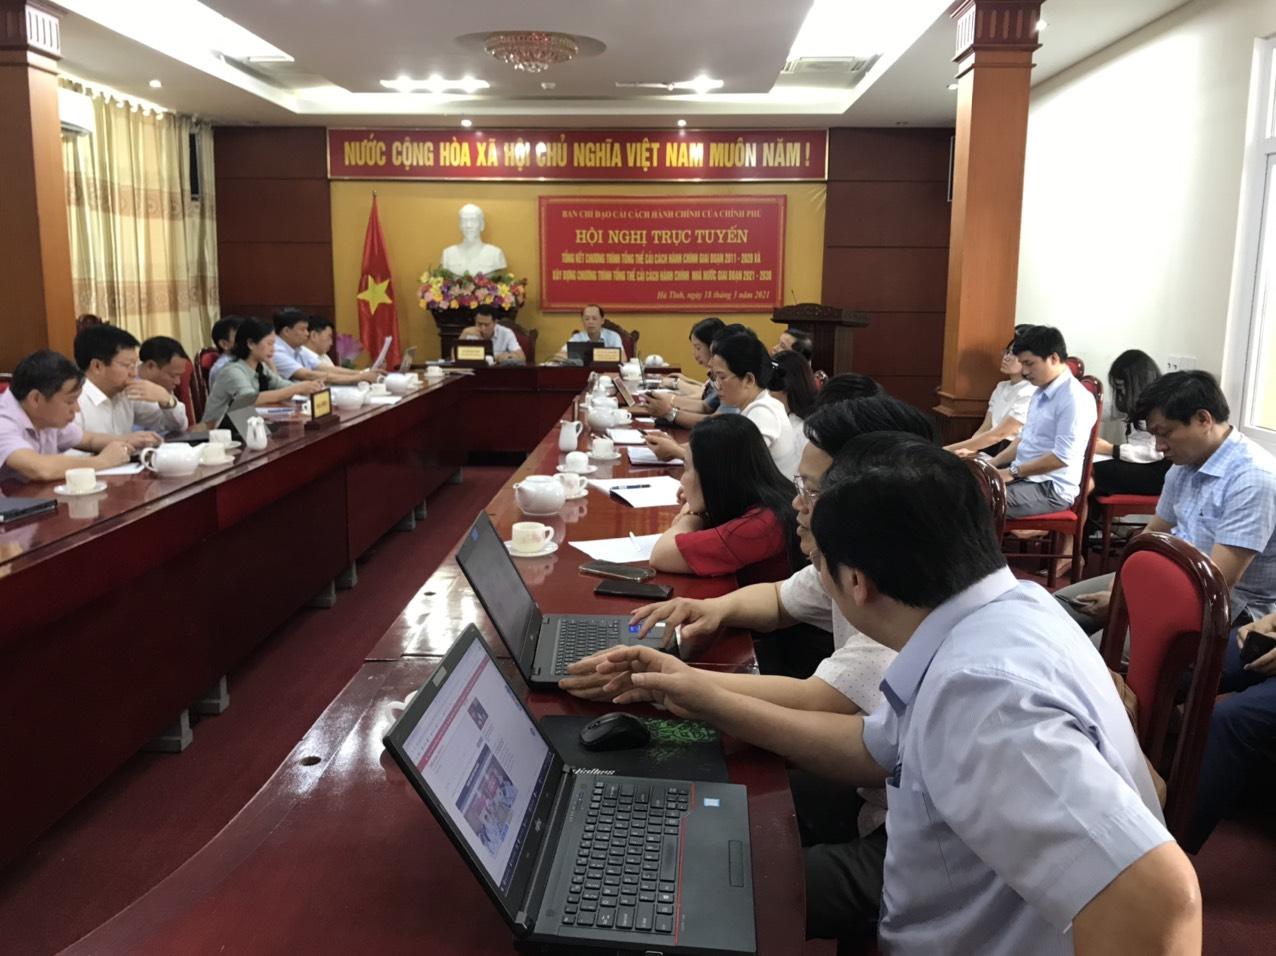 Chính phủ tổ chức hội nghị trực tuyến toàn quốc tổng kết thực hiện chương trình tổng thể cải cách hành chính (CCHC) nhà nước giai đoạn 2011 - 2020.